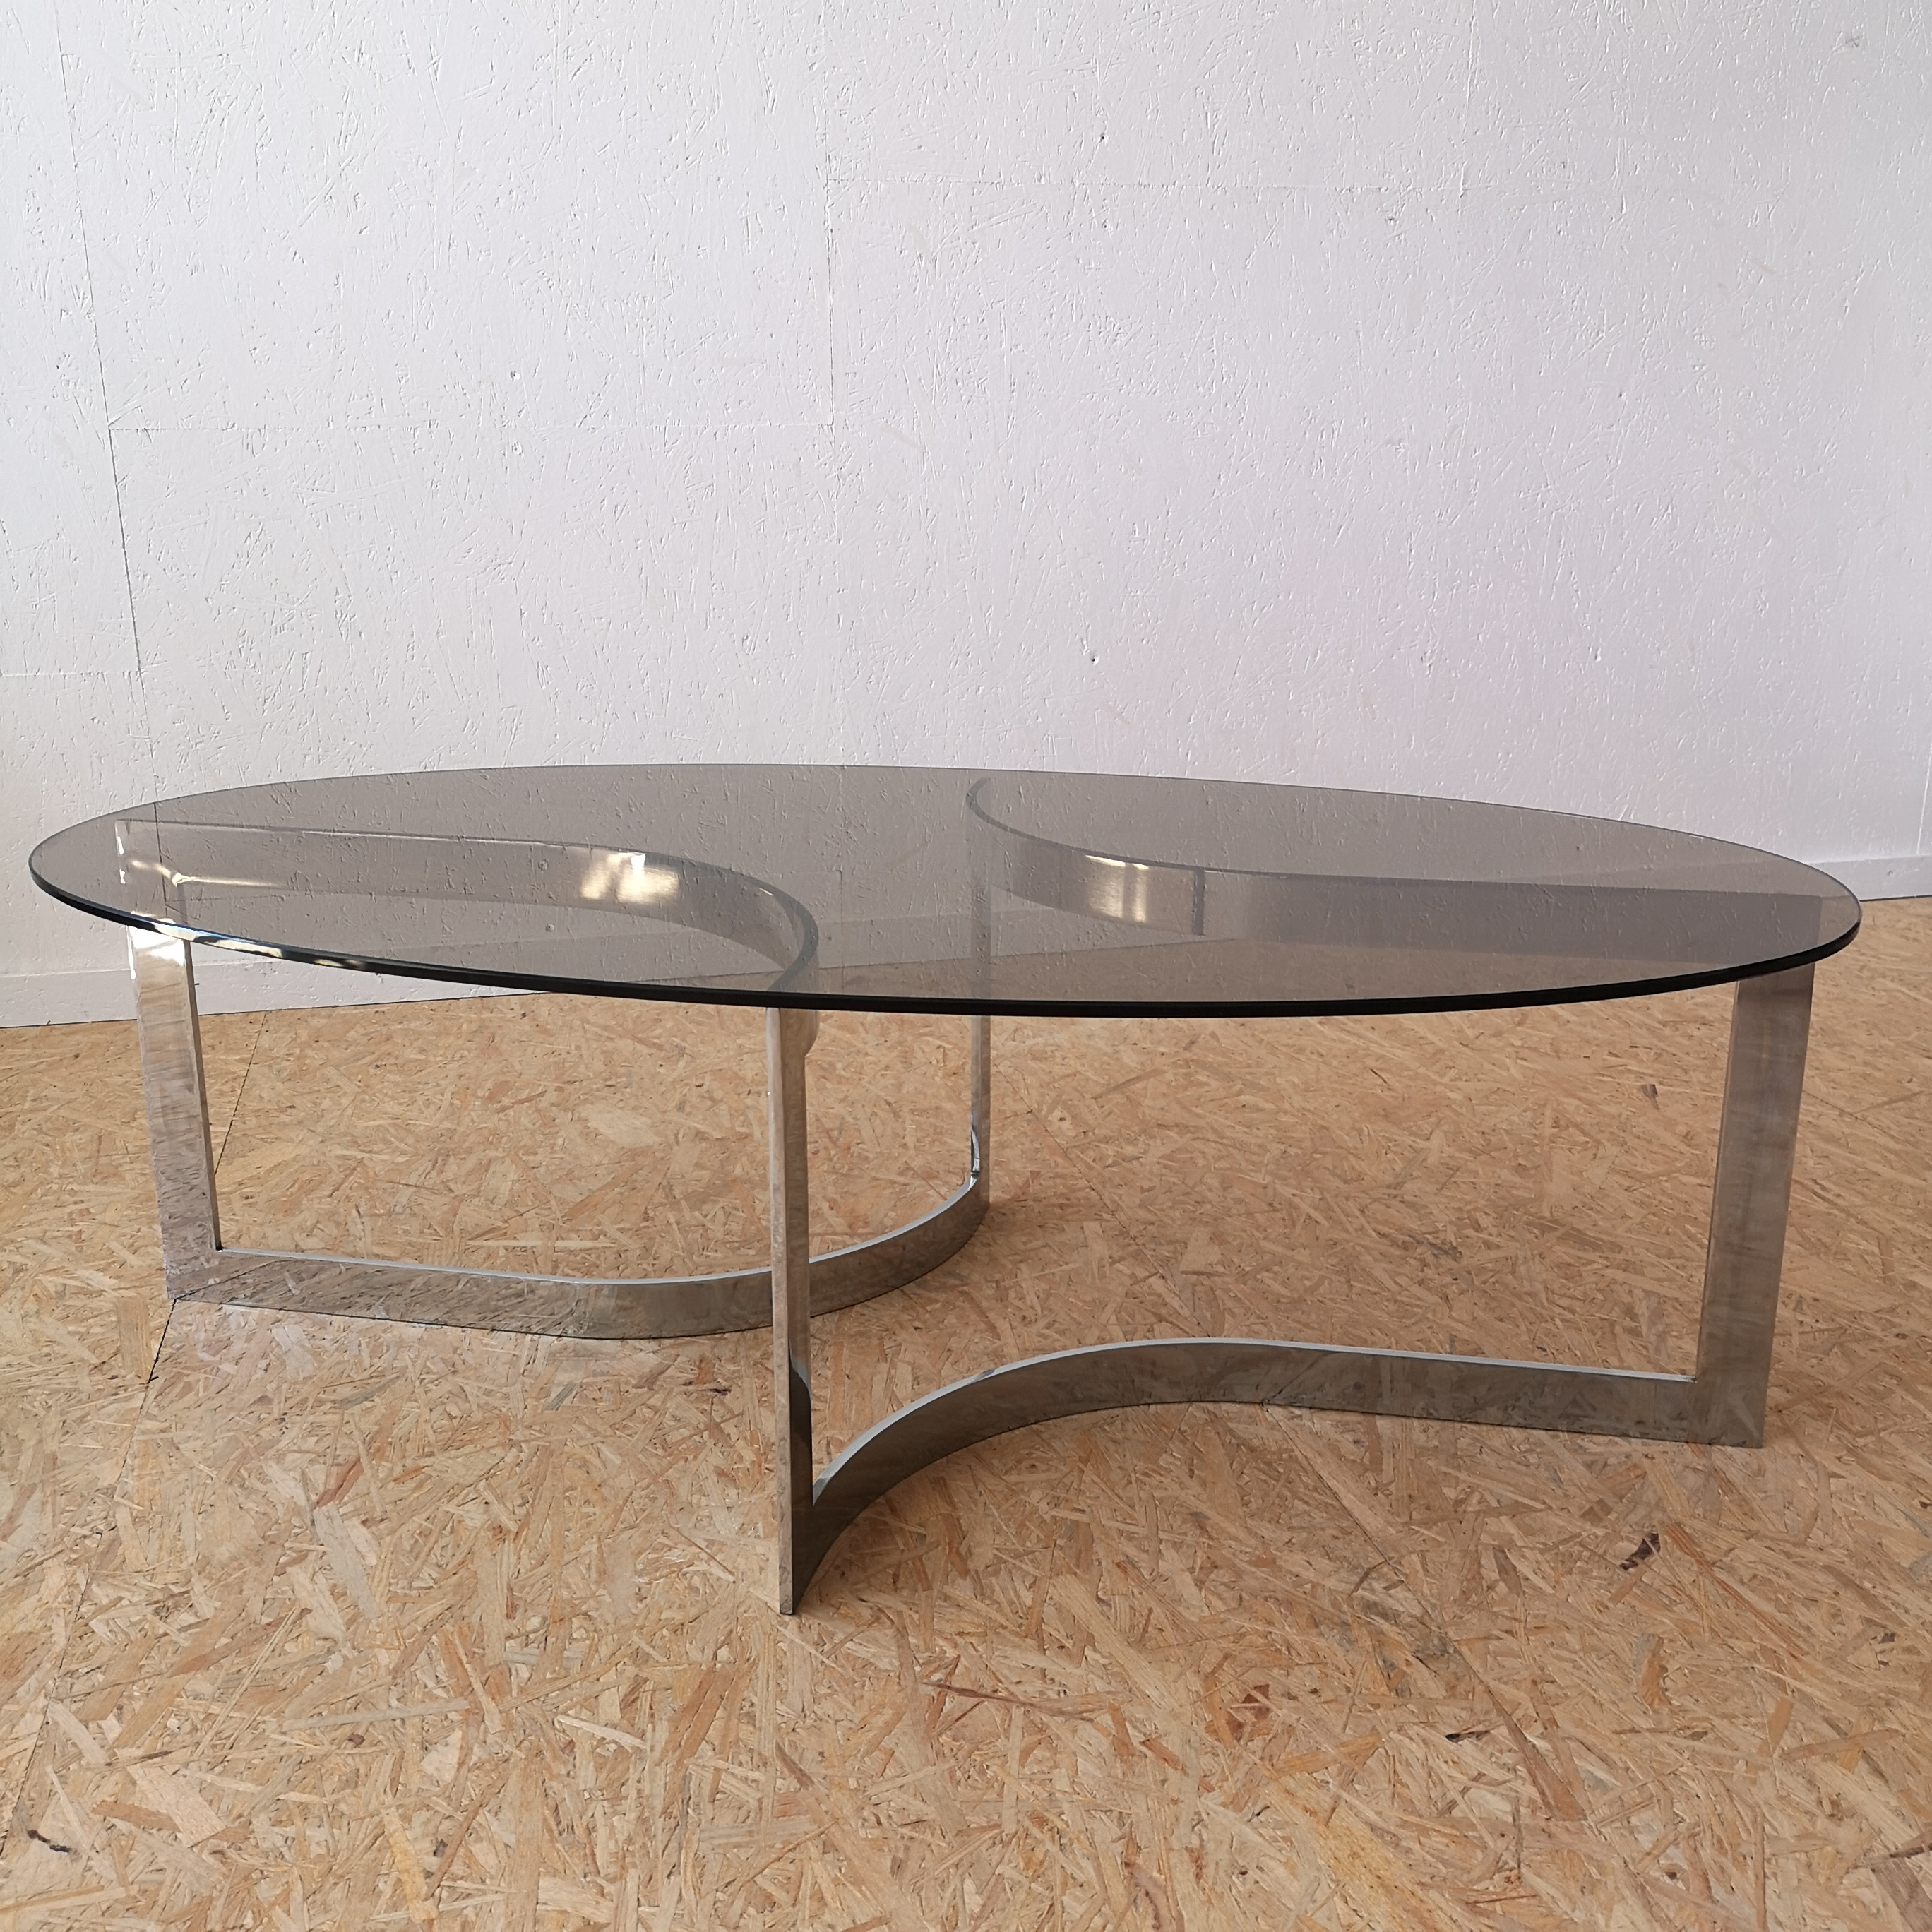 Table Basse Annee 70